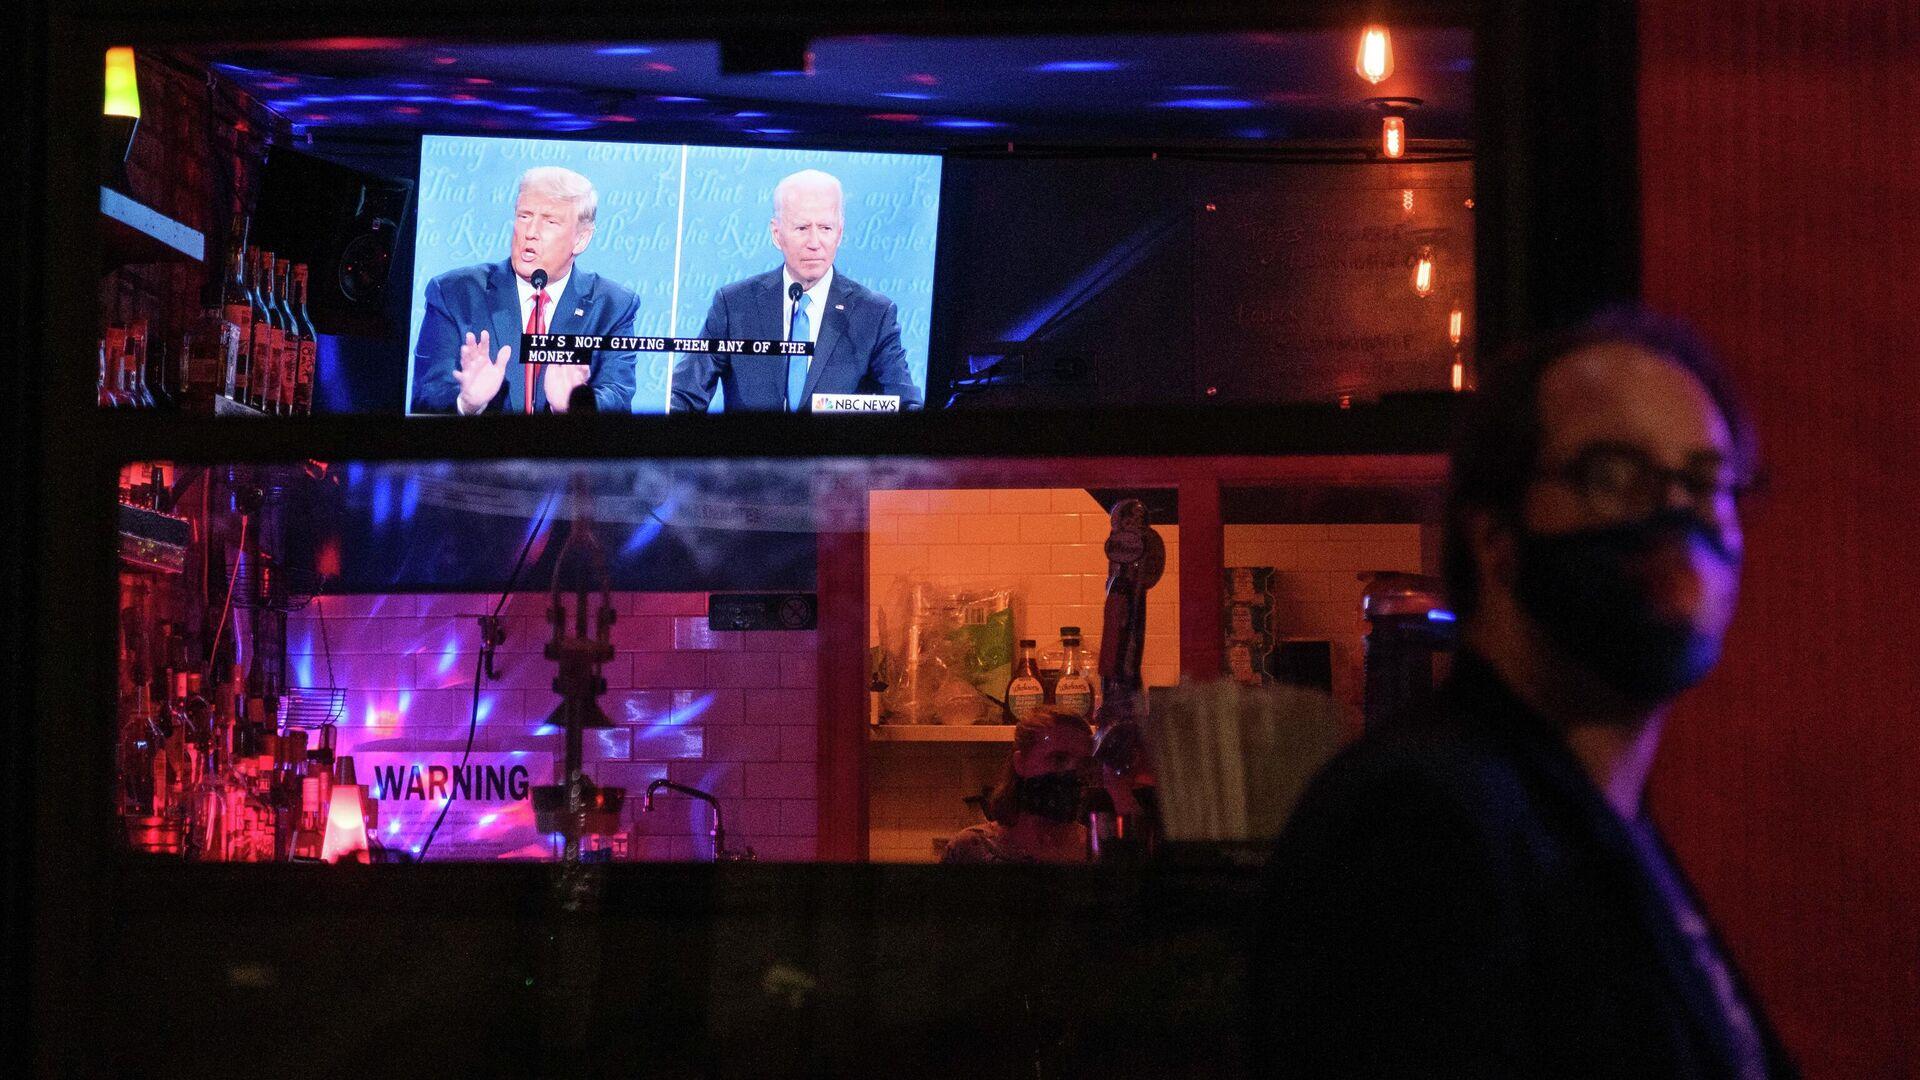 Жители Нью-Йорка смотрят трансляцию финального раунда дебатов с участием президента США Дональда Трампа и его соперника - кандидата в президенты США от Демократической партии Джо Байдена - РИА Новости, 1920, 04.11.2020